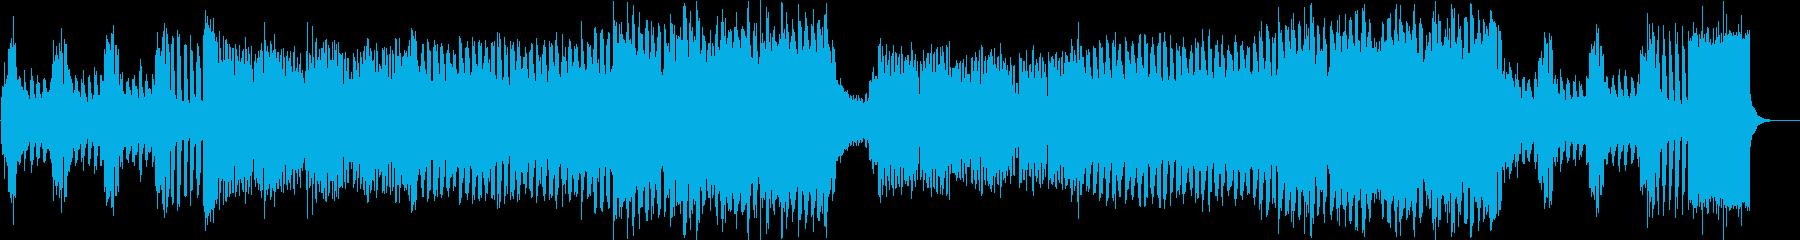 ピアノイントロ、キラキラしたJPOP風bの再生済みの波形